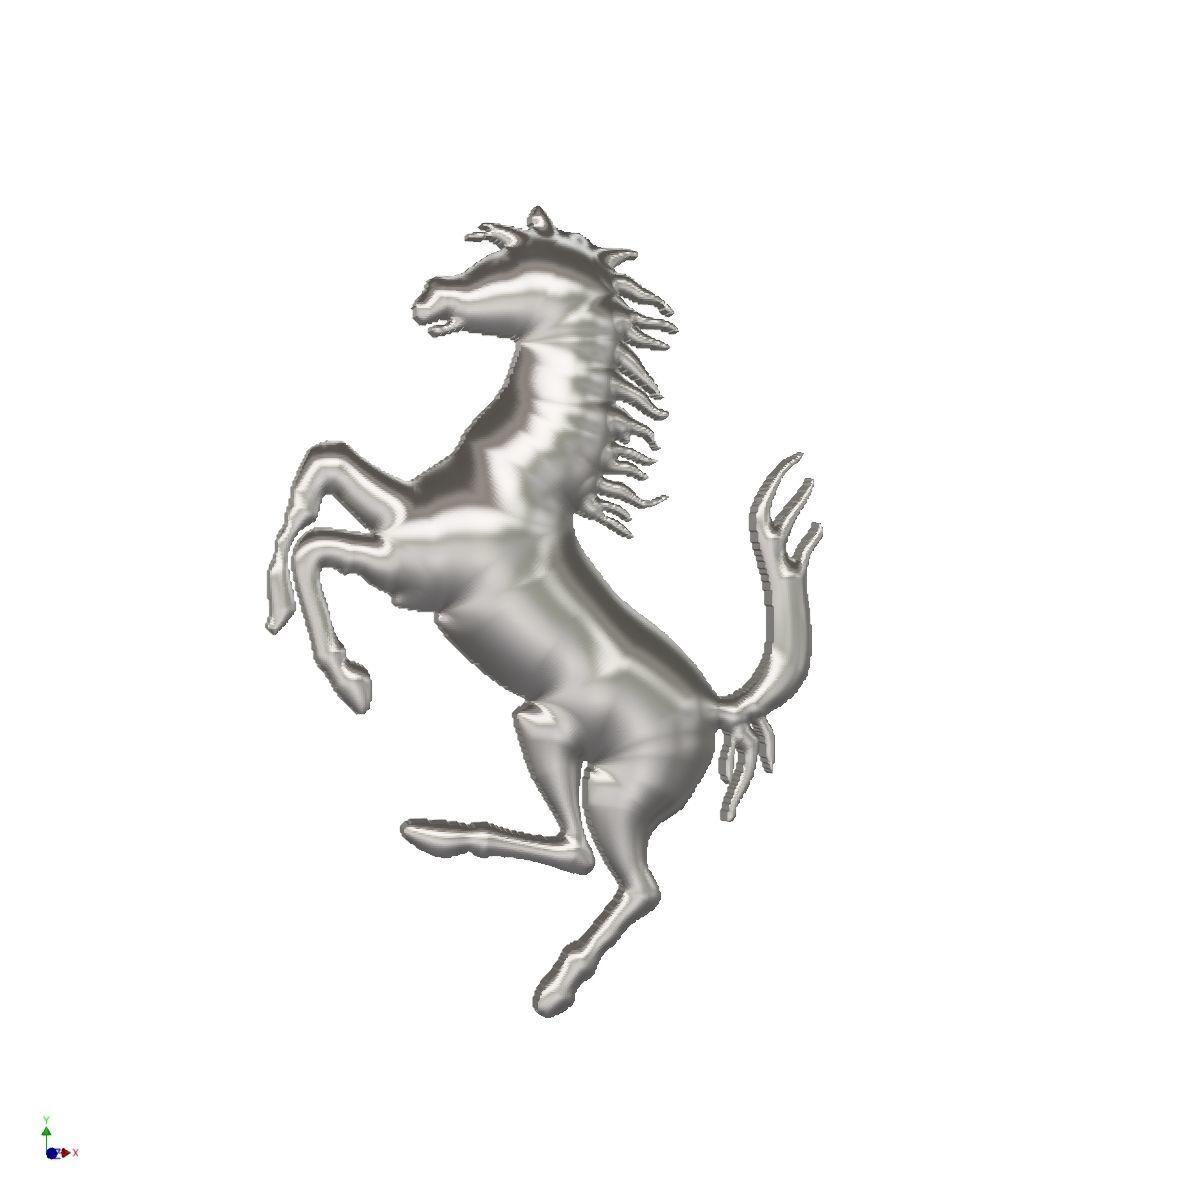 Ferrari horse logo